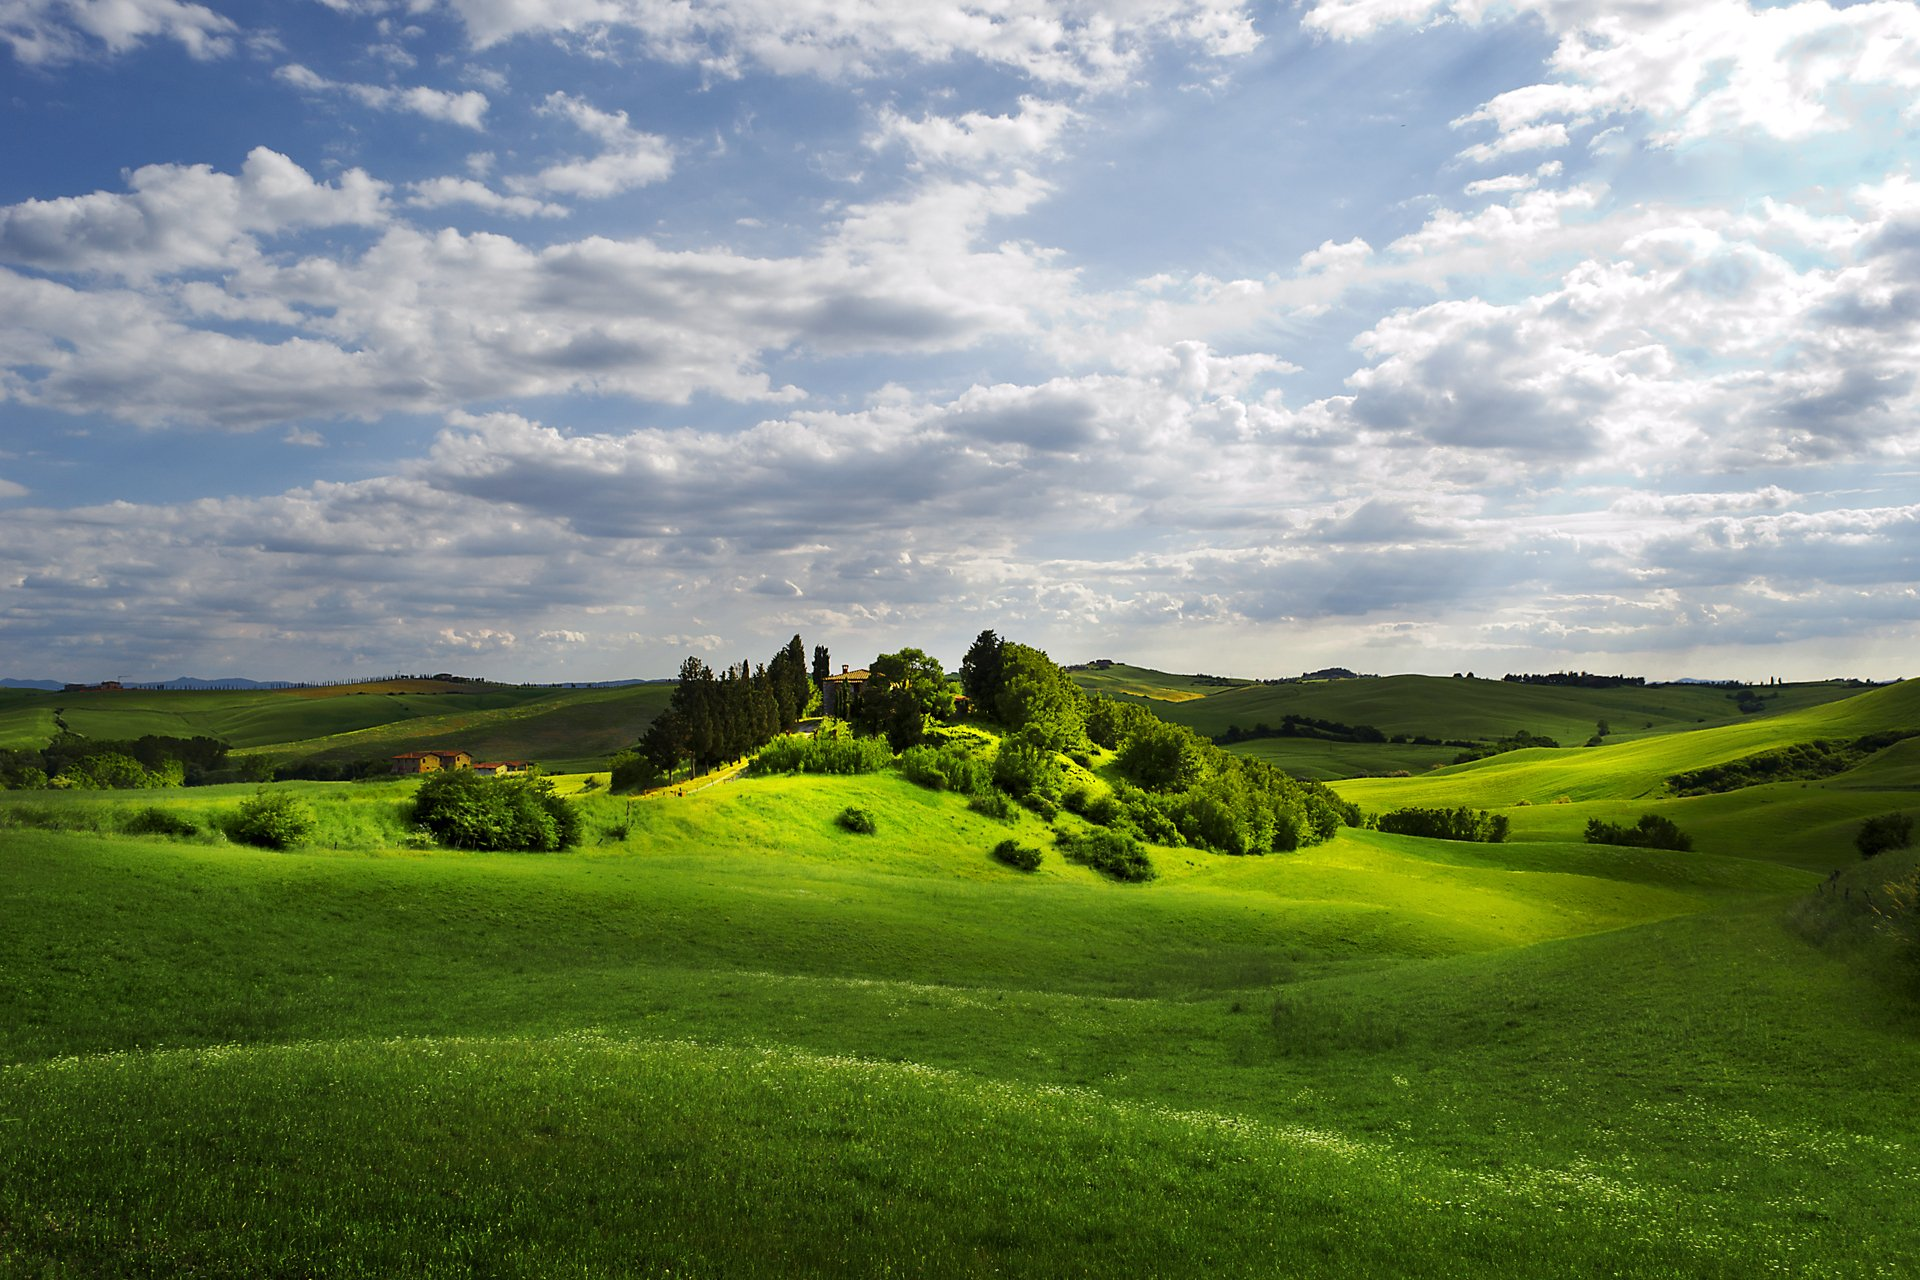 поляна цветы трава холмы горы glade flowers grass hills mountains  № 1829250 без смс